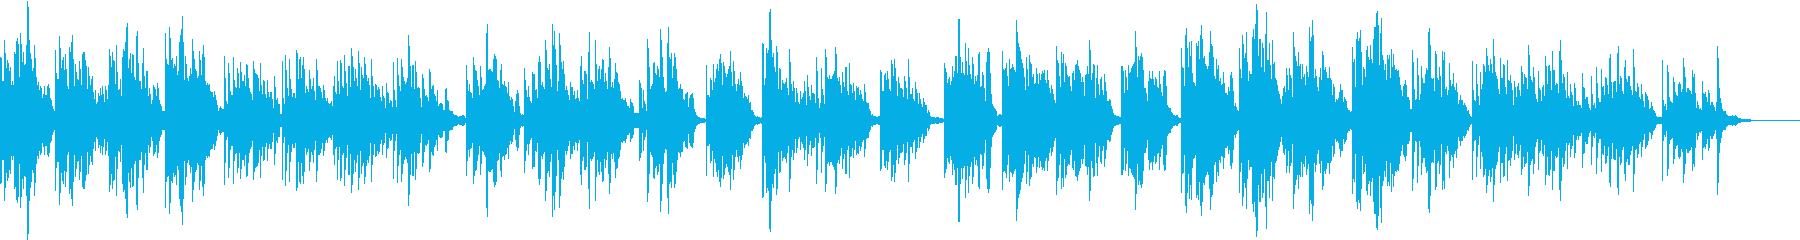 悲しげで寂しいピアノソロのバラードの再生済みの波形